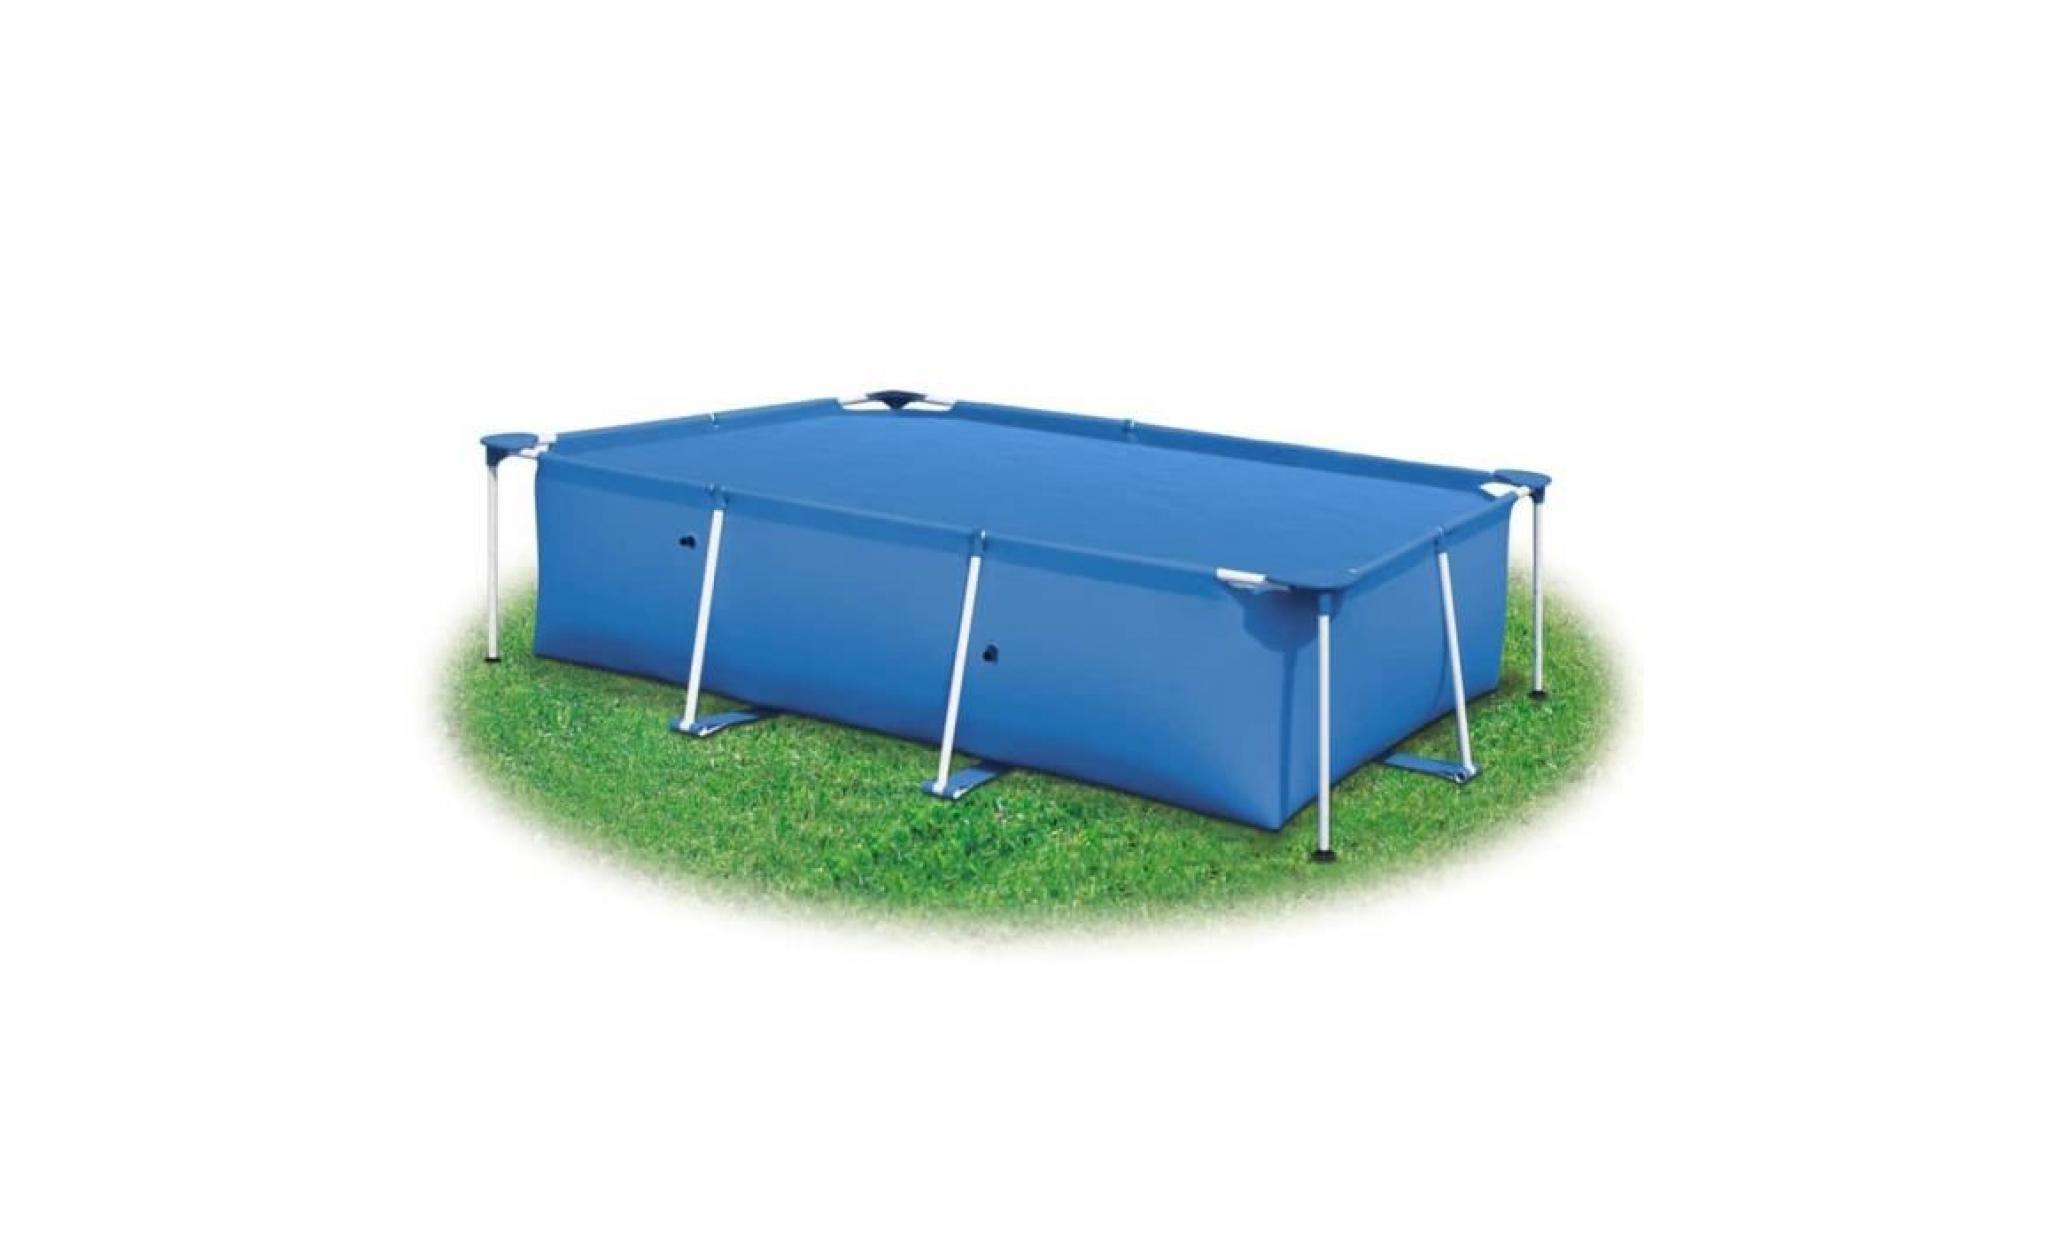 b che de piscine bleue rectangulaire en pe 549 x 274 cm. Black Bedroom Furniture Sets. Home Design Ideas